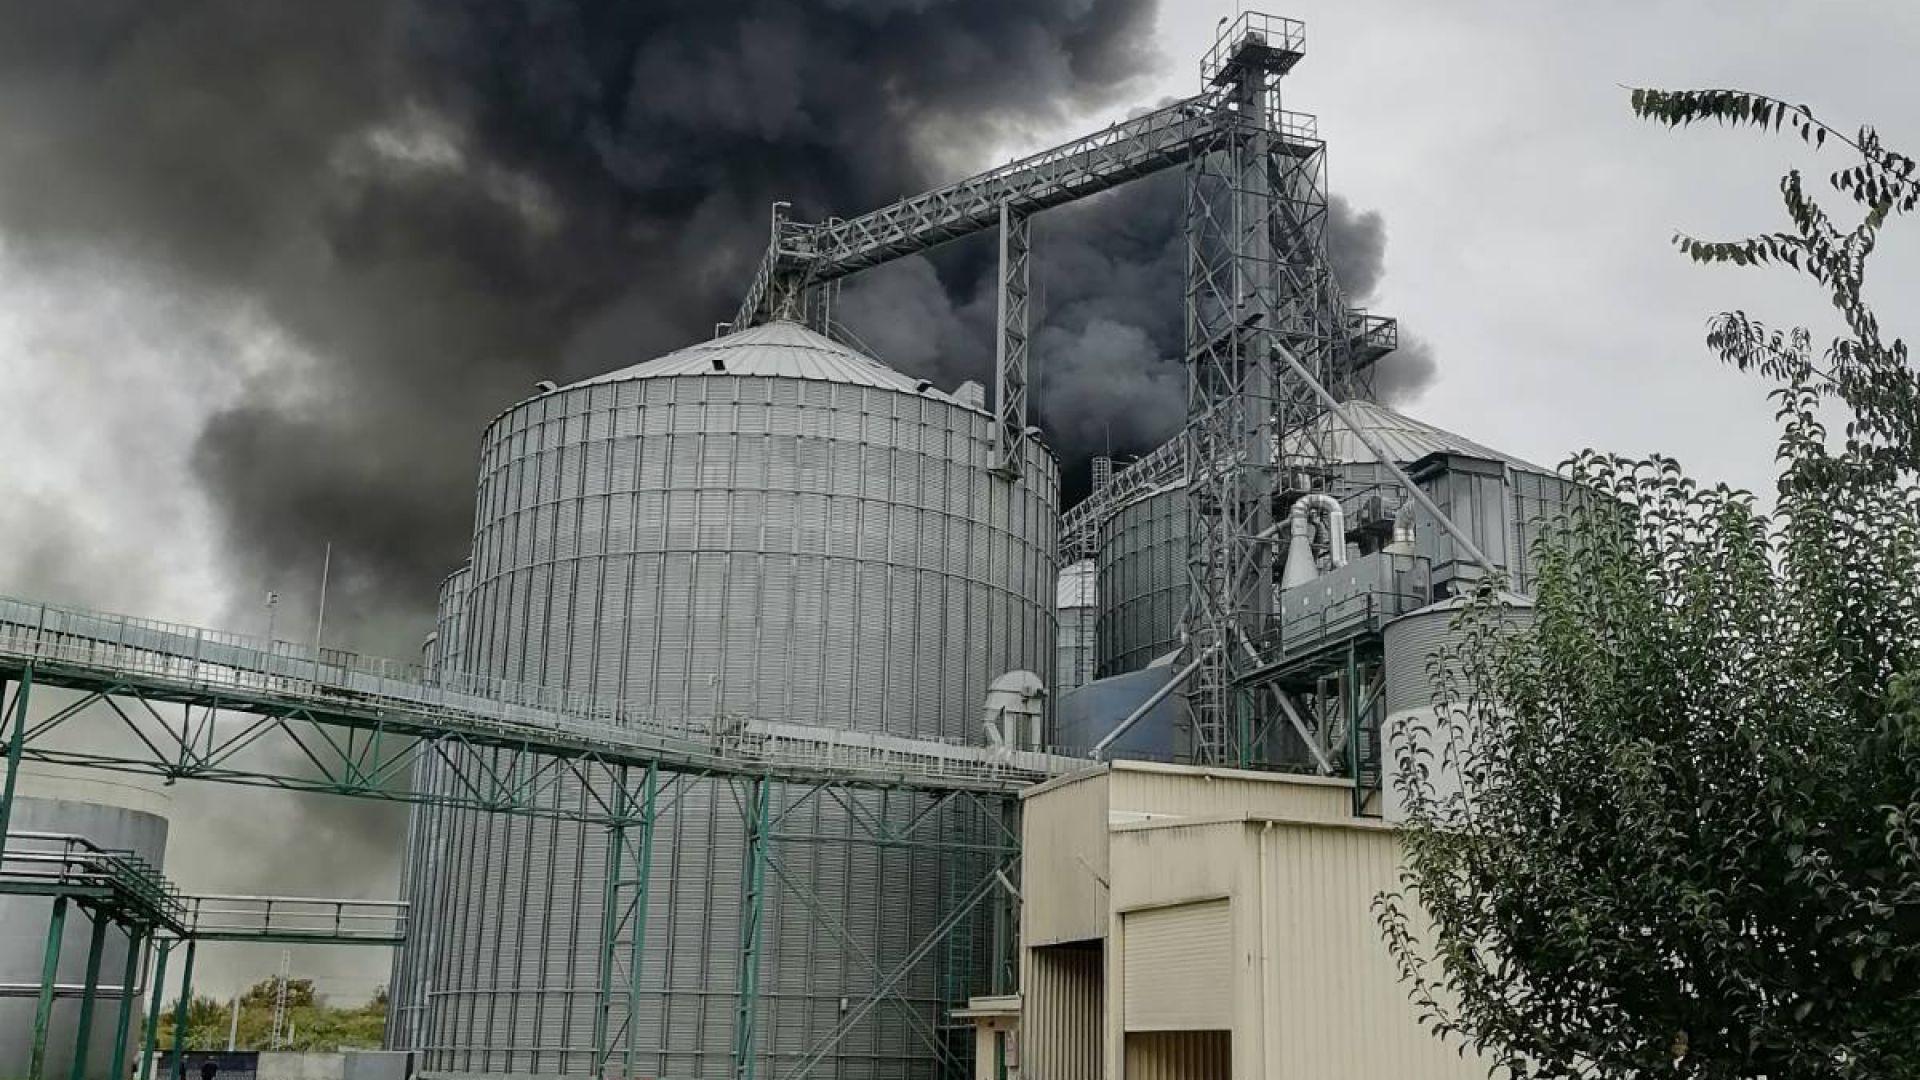 Ден след пожара: Над Катуница се носи миризма от изгорелите материали